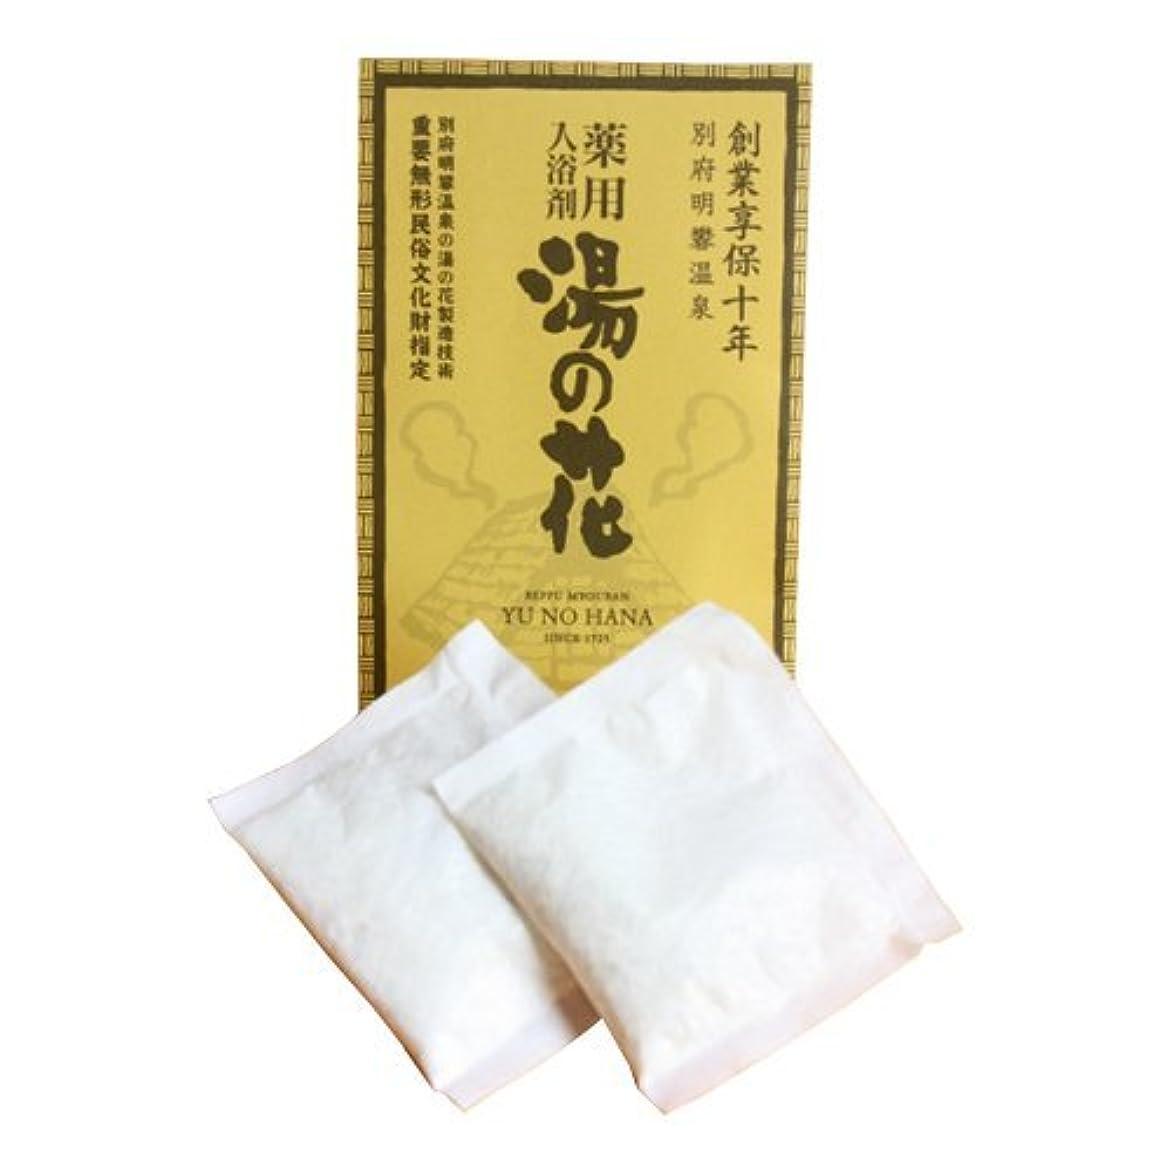 契約母性イライラする明礬(みょうばん)温泉 薬用湯の花 2回分